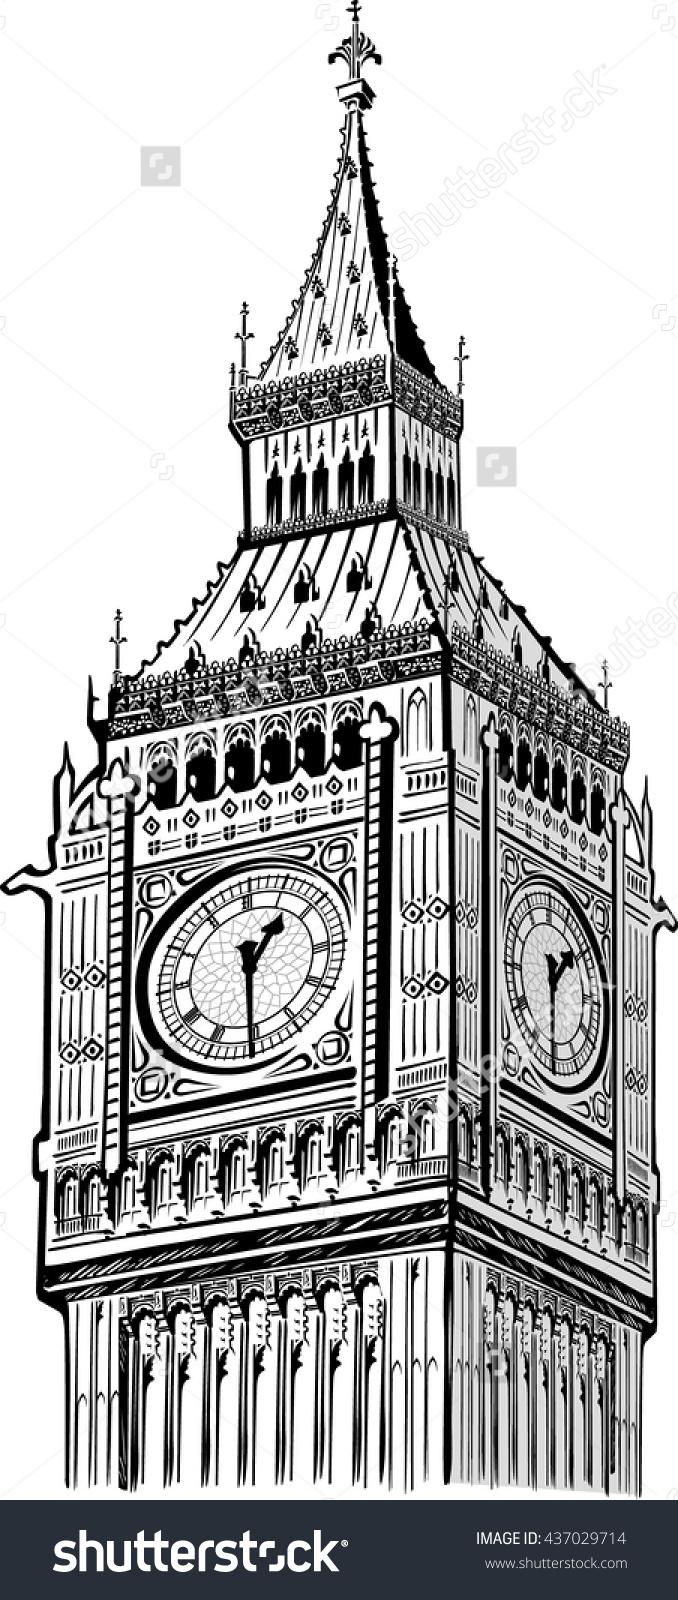 Detail Elizabeth Tower Big Ben Clock Stock Vector 437029714.